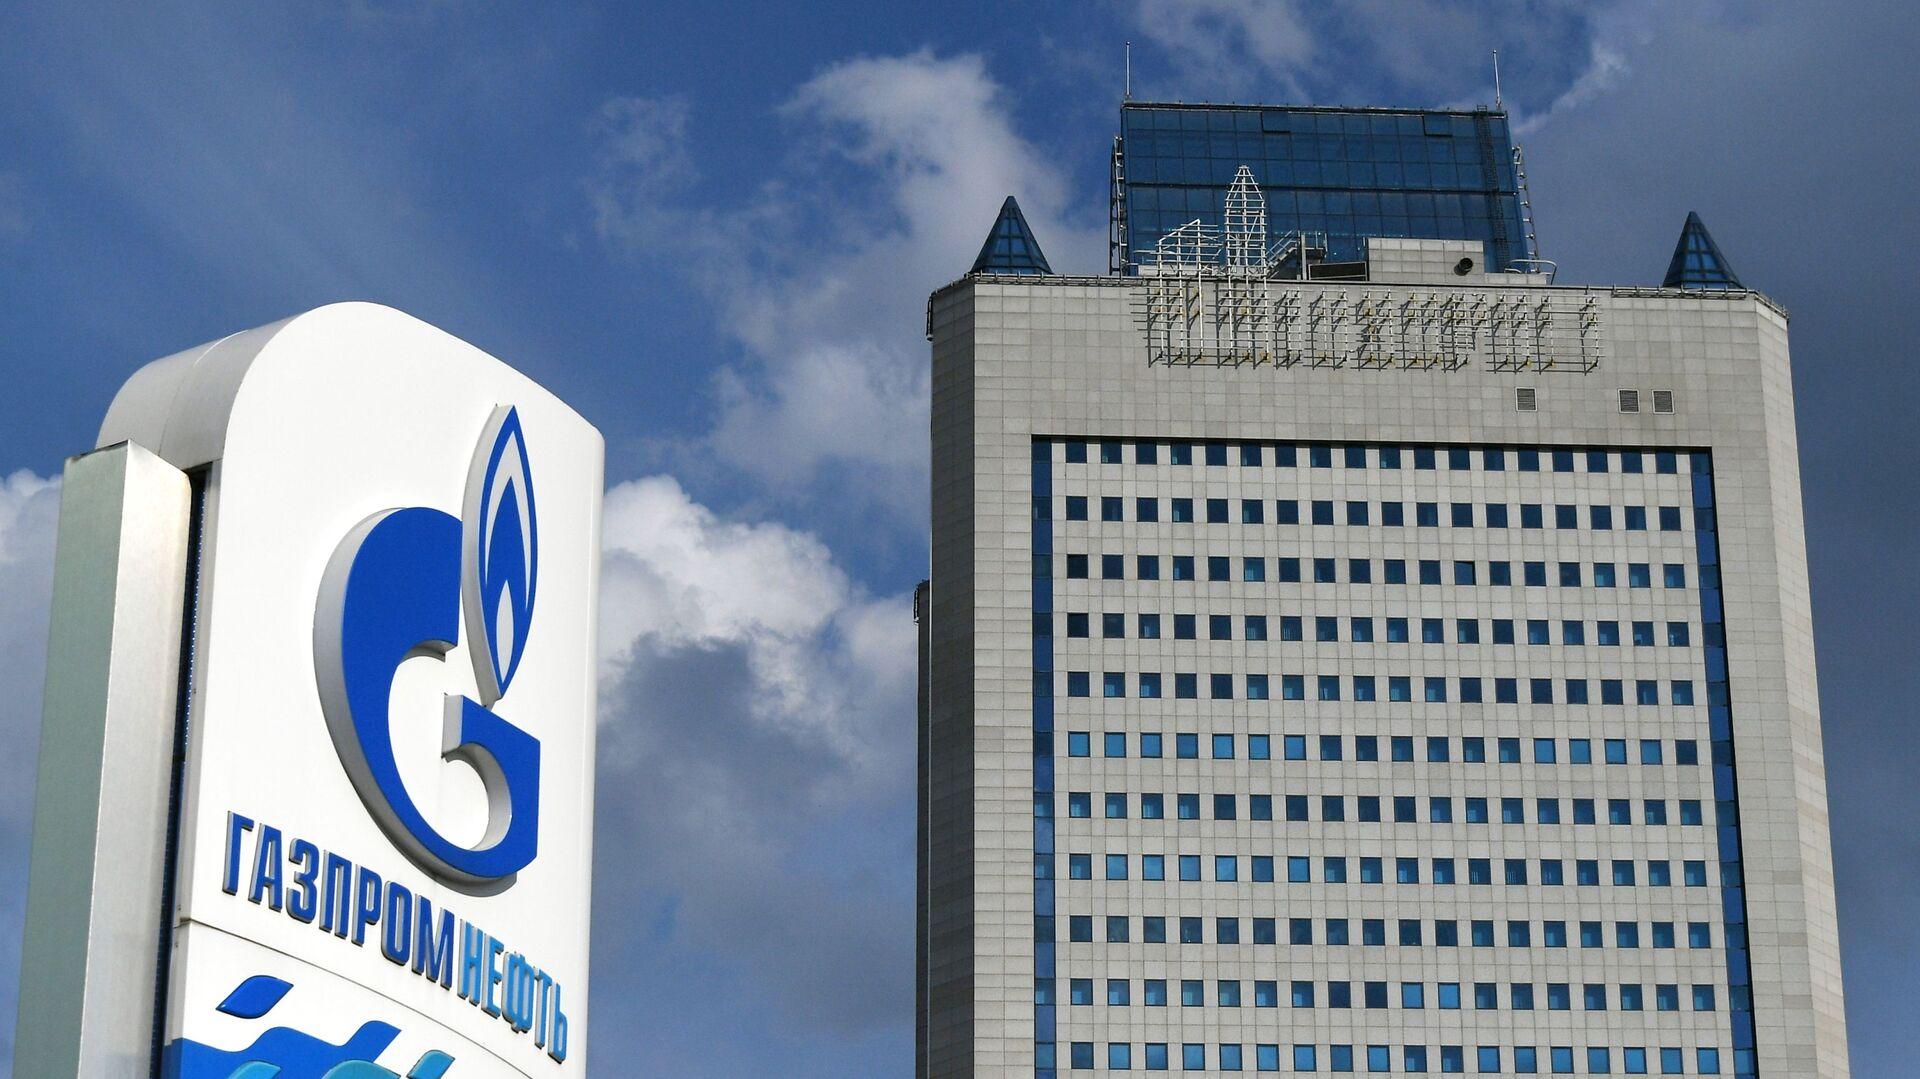 Здание компании Газпром в Москве  - Sputnik Грузия, 1920, 24.09.2021